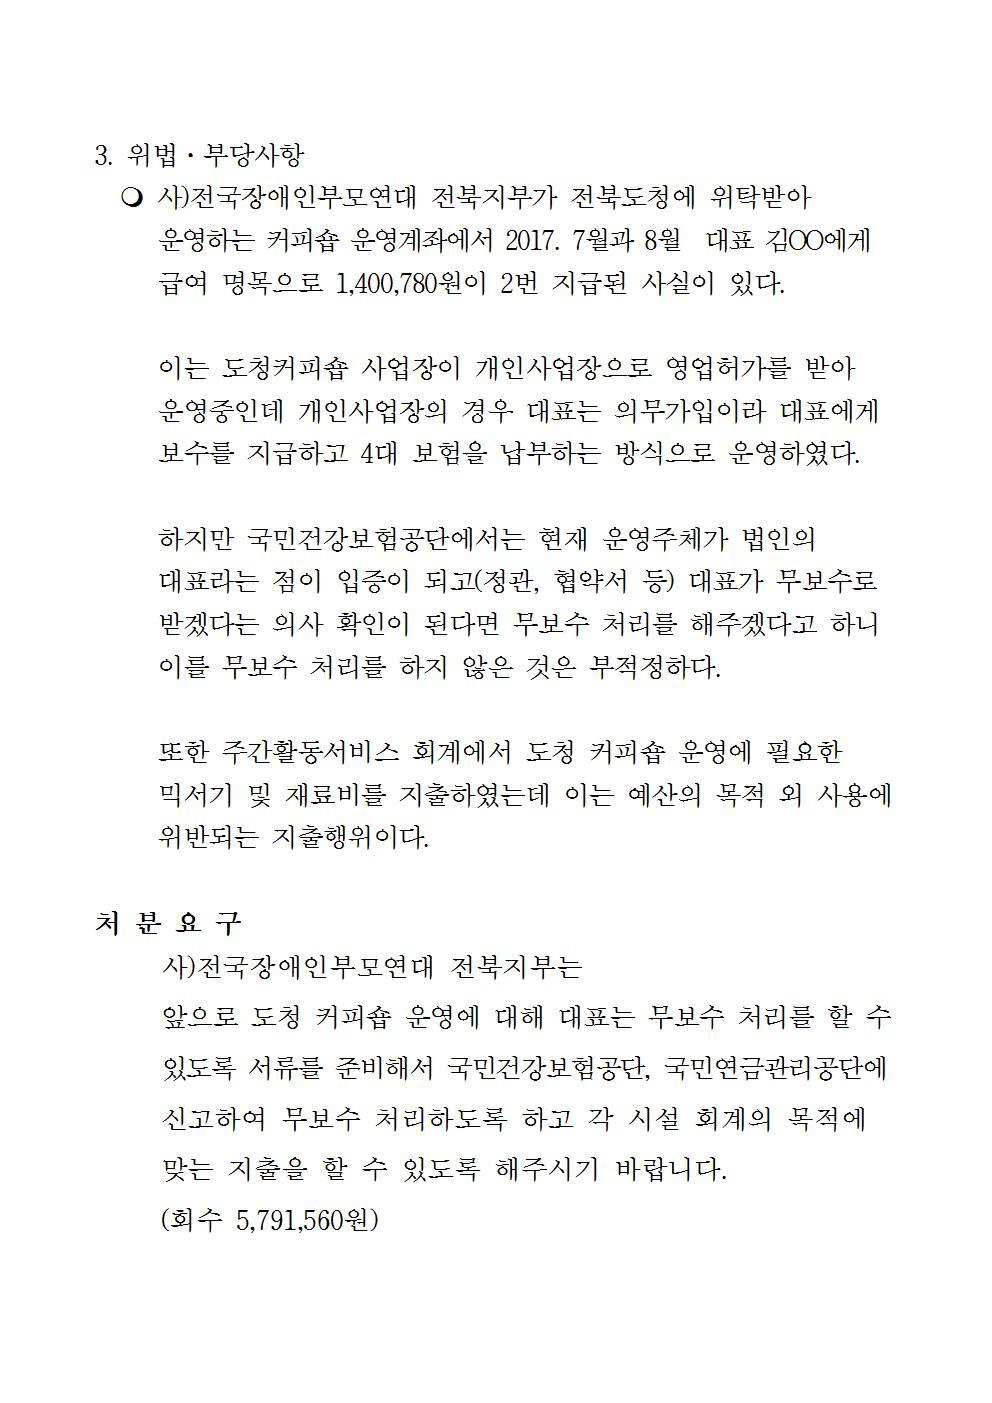 붙임) 처분요구서_전주시 생활복지과-37898(2017.9.1)호(공개용)022.jpg